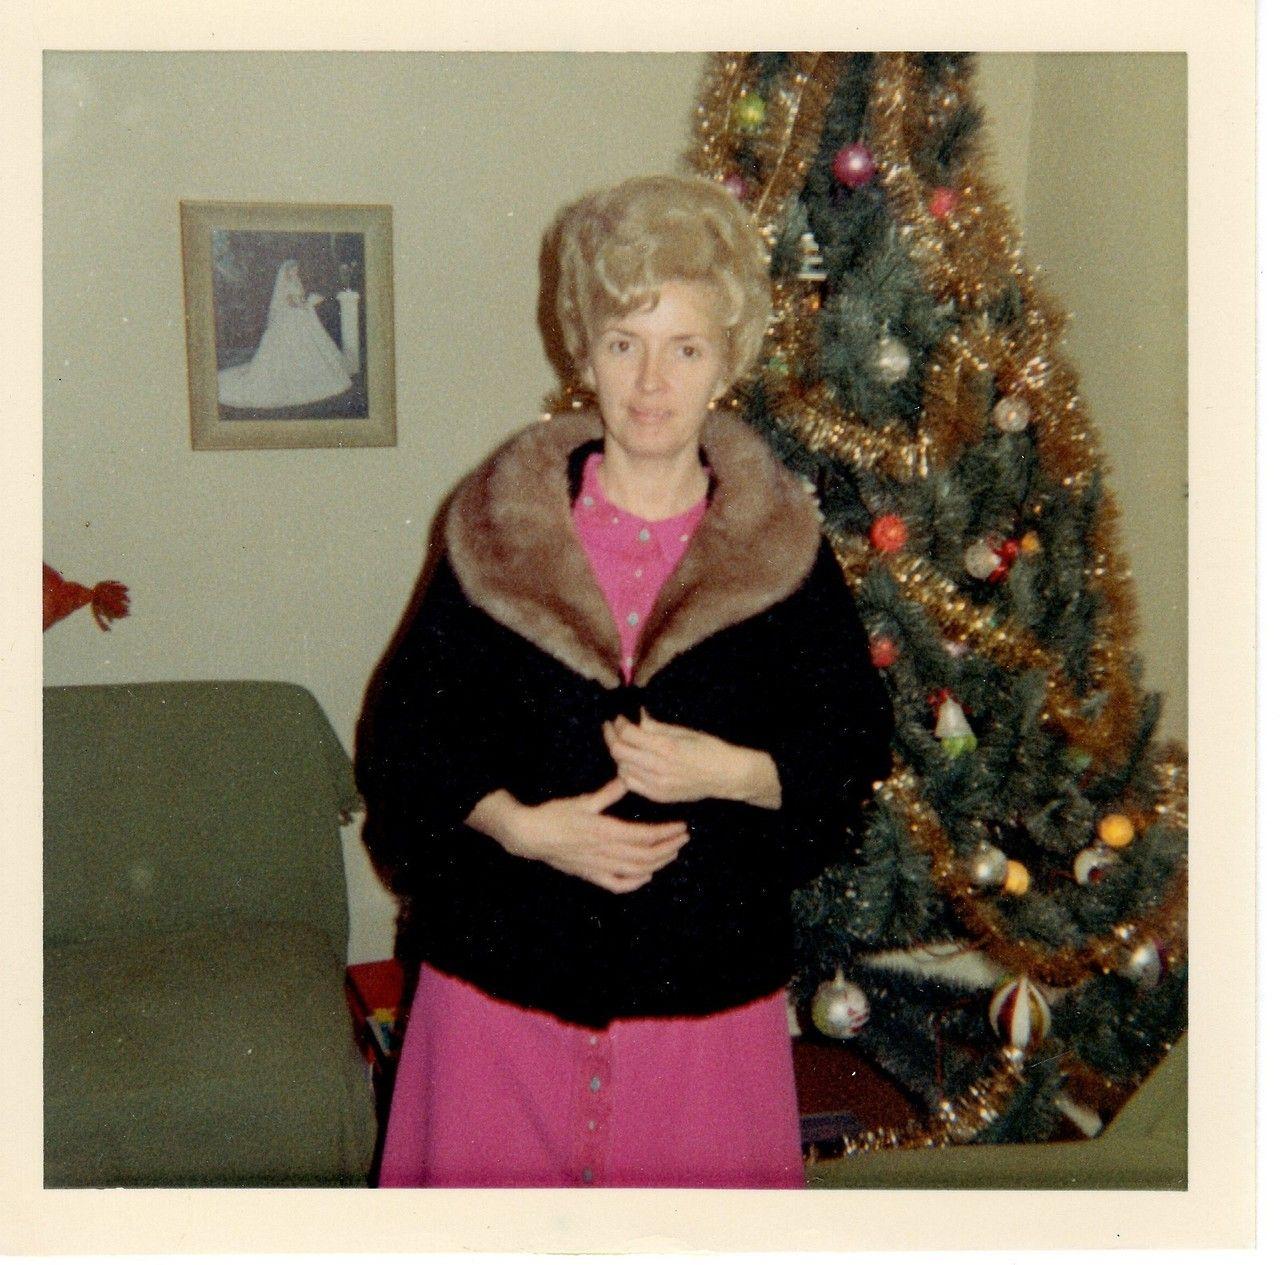 Santa got me a new fur coat! 1960s